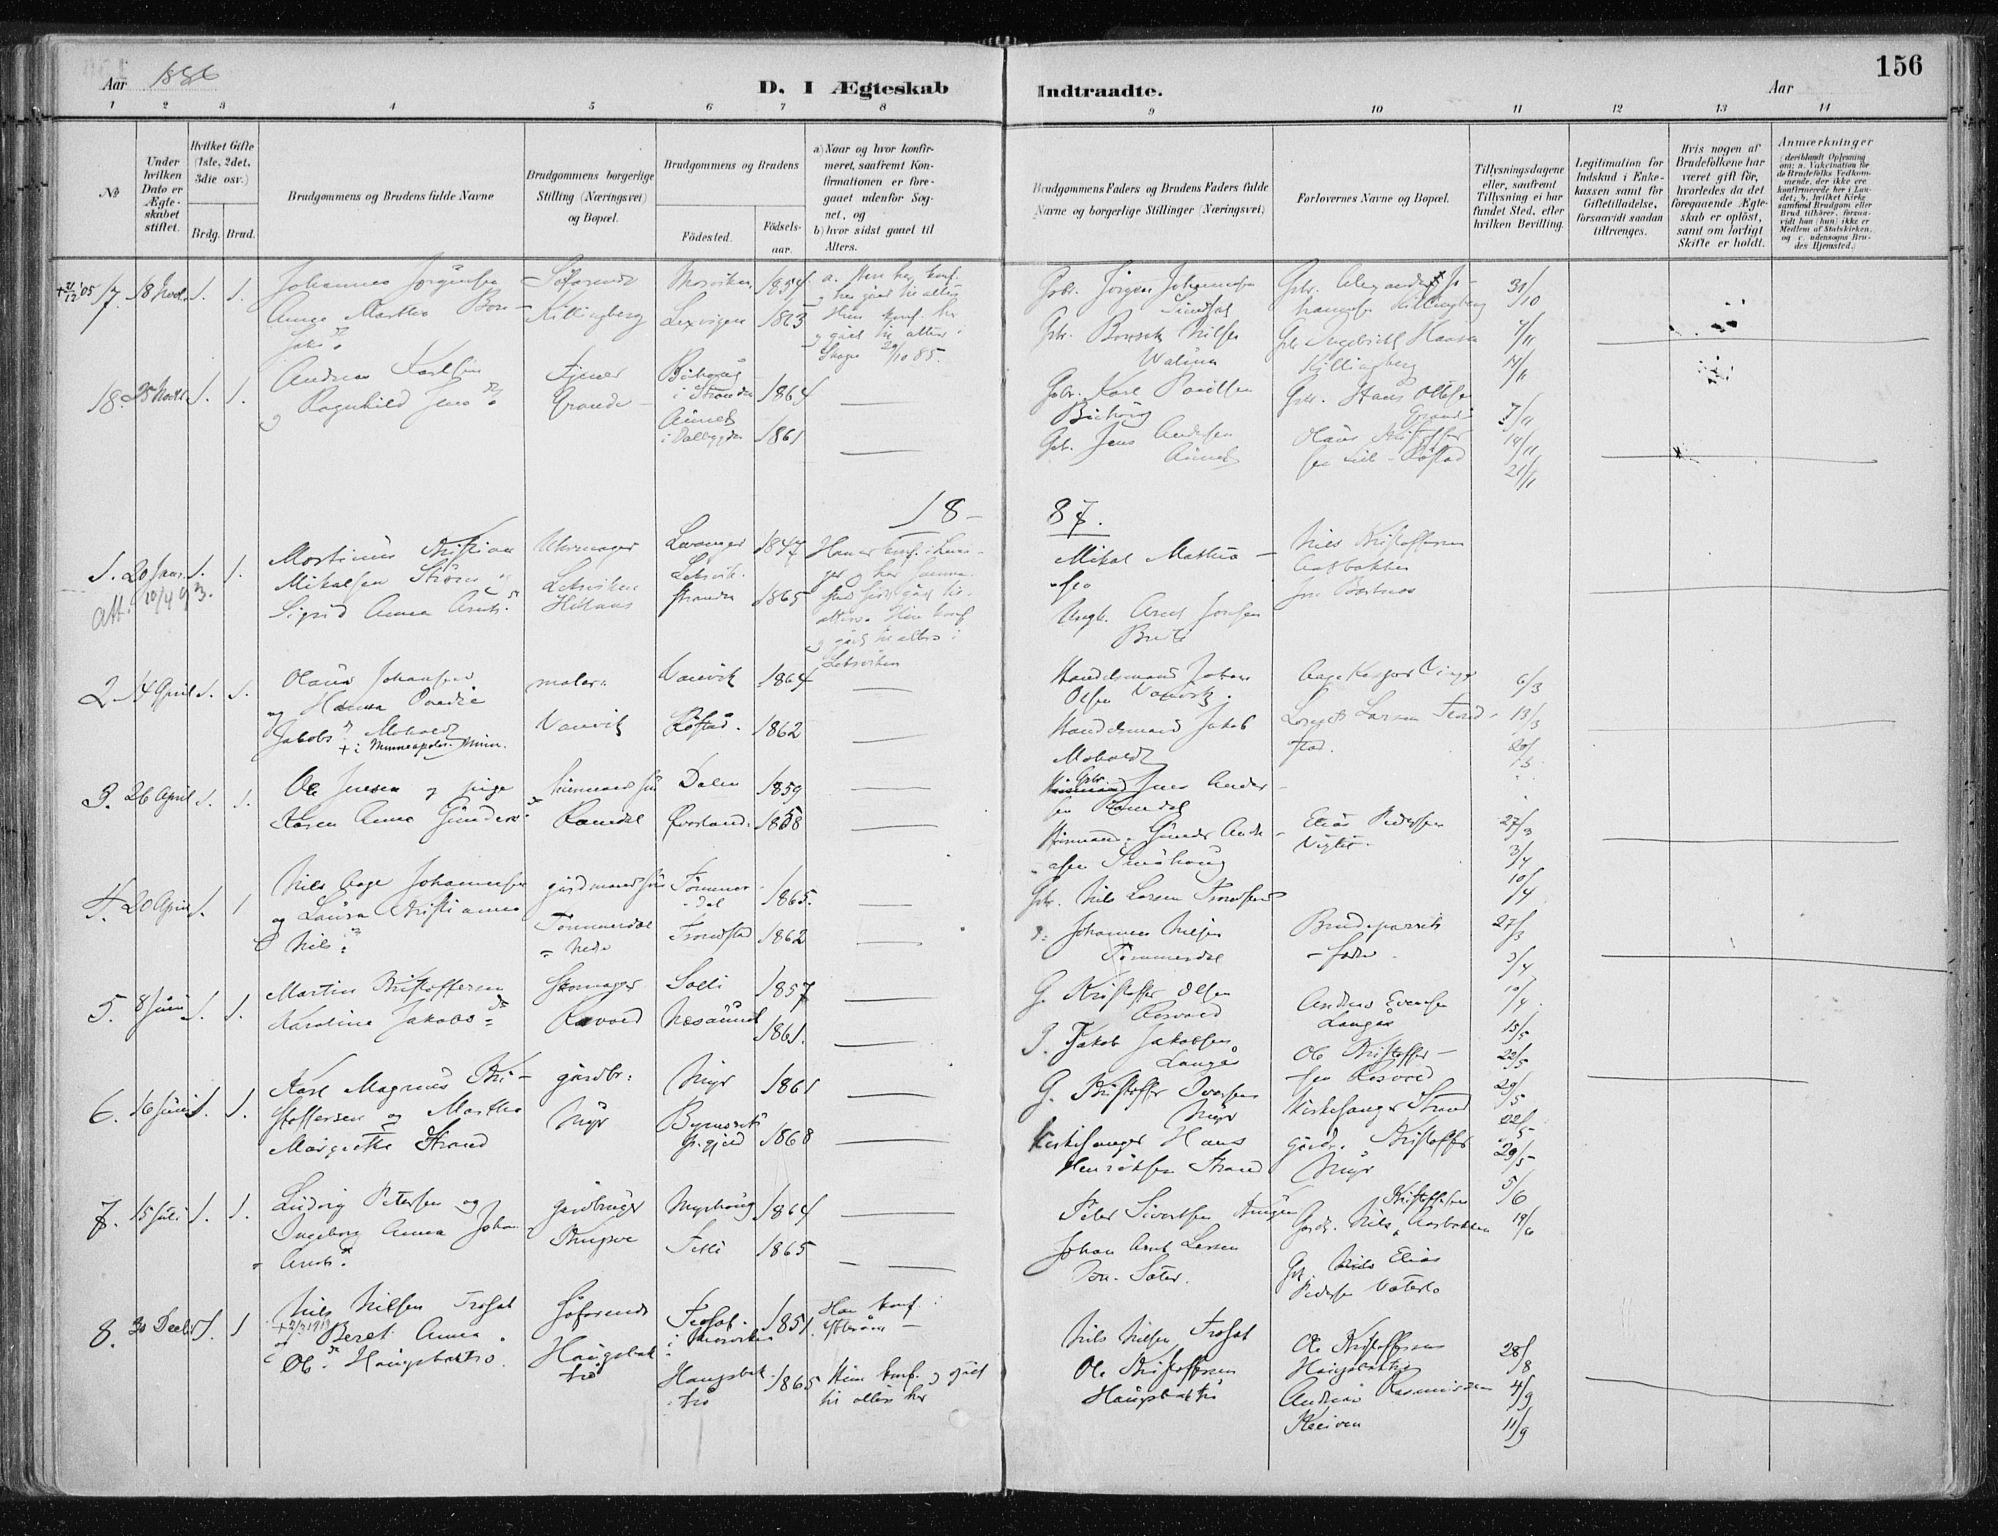 SAT, Ministerialprotokoller, klokkerbøker og fødselsregistre - Nord-Trøndelag, 701/L0010: Ministerialbok nr. 701A10, 1883-1899, s. 156